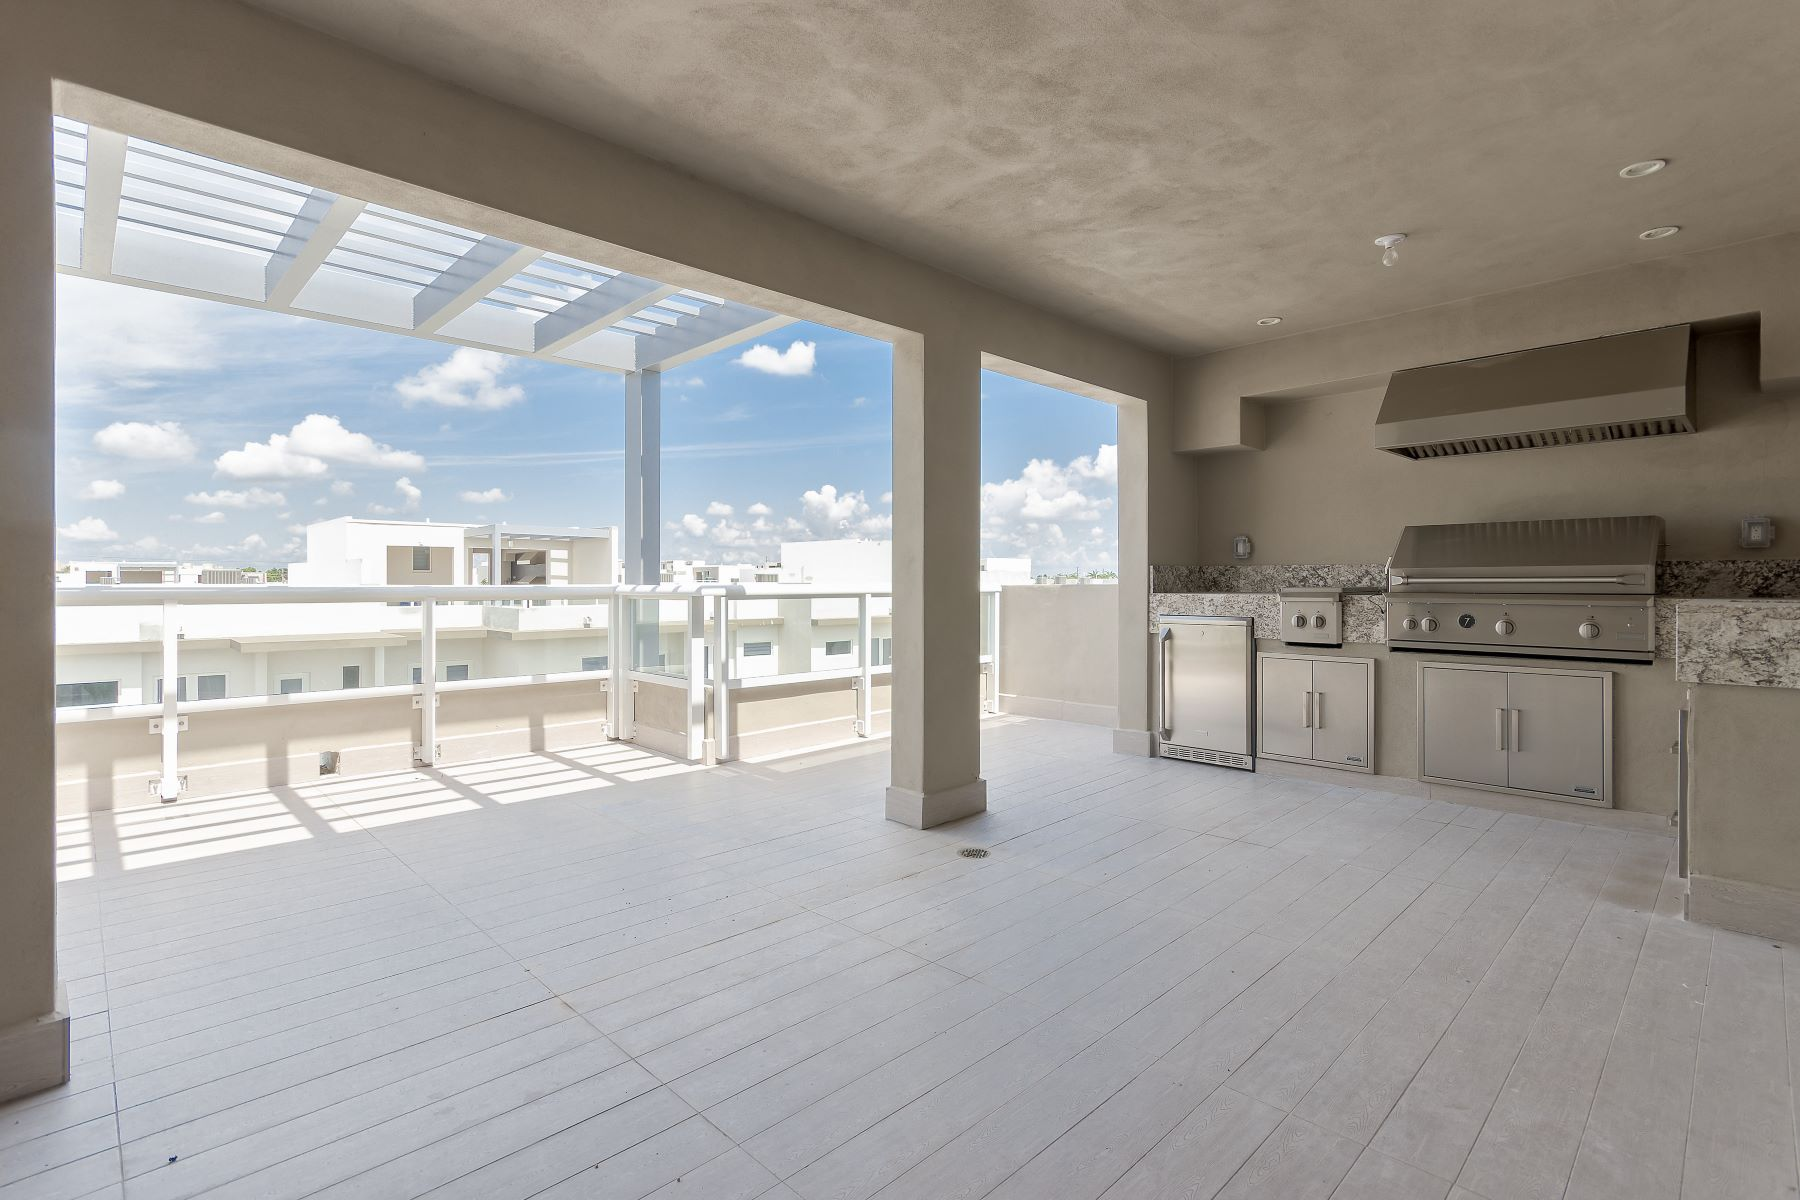 townhouses için Satış at 6457 Nw 103rd Psge 6457, Doral, Florida 33178 Amerika Birleşik Devletleri